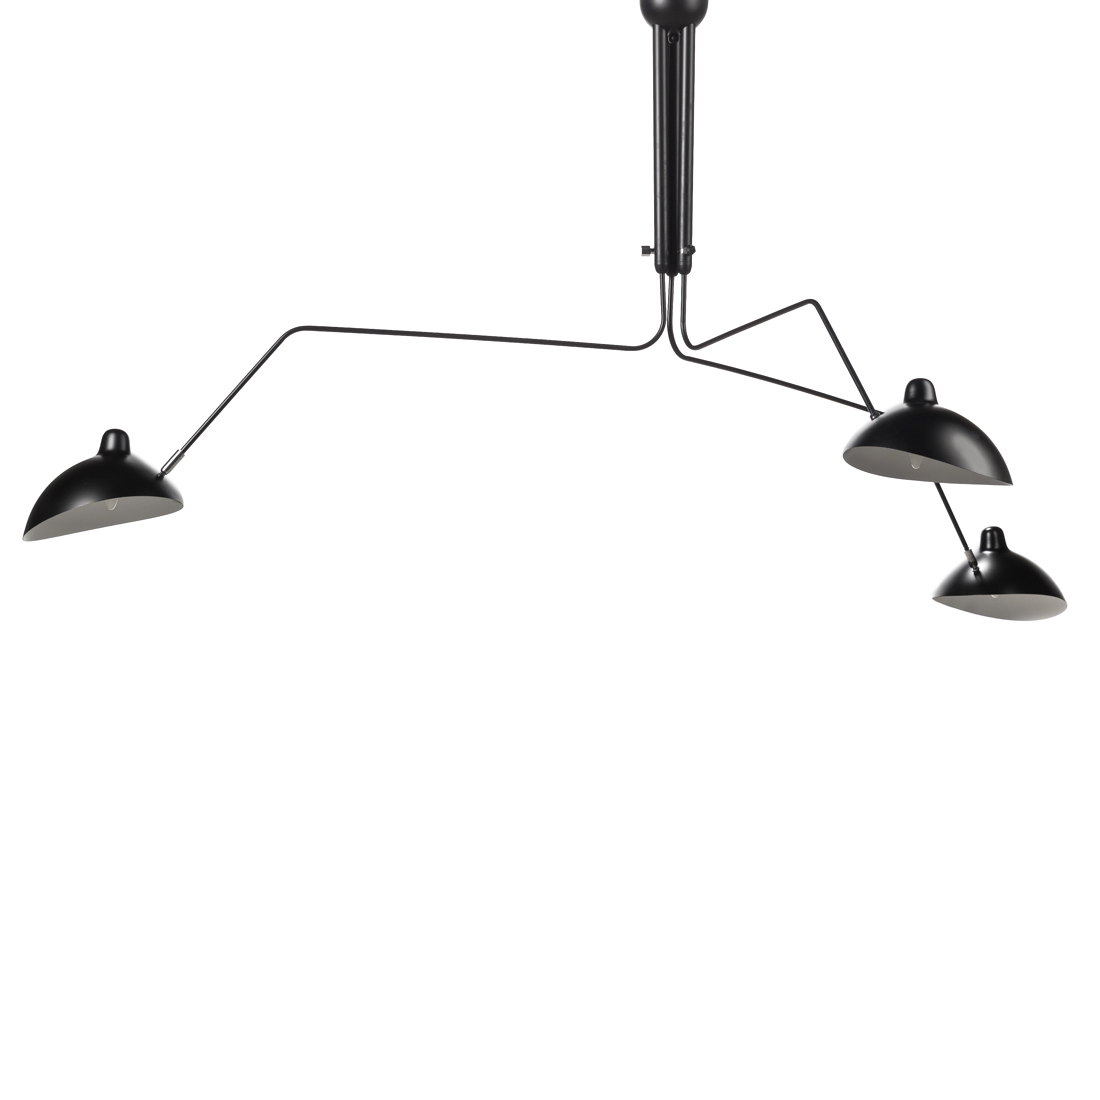 Потолочный светильник Spider Mouille 3 лампыПотолочные<br>Простой и элегантный, этот потолочный светильник поставит стильный акцент в интерьере вашего помещения. Три вращающиеся и гнущиеся «руки» разной длины с лампами с легкостью могут быть повернуты под любым удобным вам углом, изменив направление потока света. Центральное освещение более не является популярным в европейских домах и офисах. Пришло время для стильных дизайнерских светильников, изменивших подход в освещении помещений и создающих эффектное освещение, которое дополнительно подчерк...<br><br>stock: 2<br>Высота: 86,5<br>Диаметр: 267<br>Количество ламп: 3<br>Материал абажура: Алюминий<br>Материал арматуры: Сталь<br>Мощность лампы: 40<br>Ламп в комплекте: Нет<br>Напряжение: 220<br>Тип лампы/цоколь: E27<br>Цвет абажура: Черный матовый